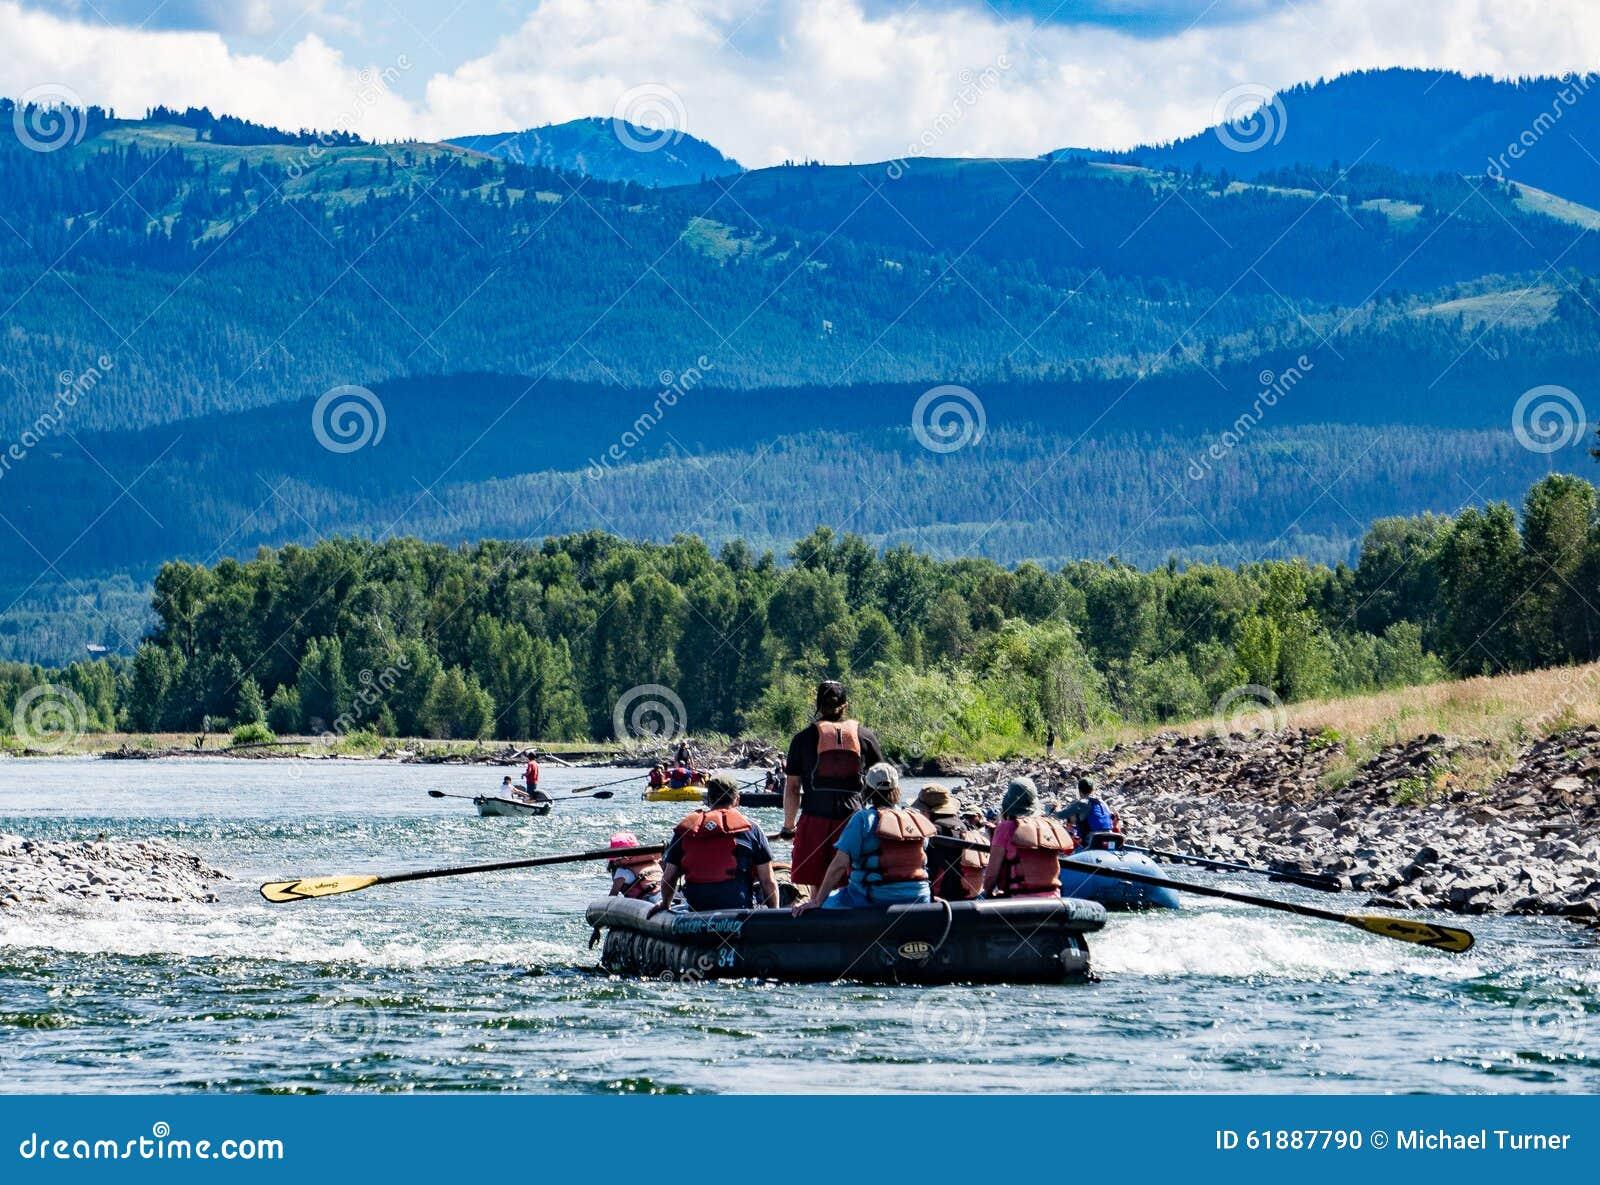 Transportando o rio Snake em Jackson Hole, Wyoming